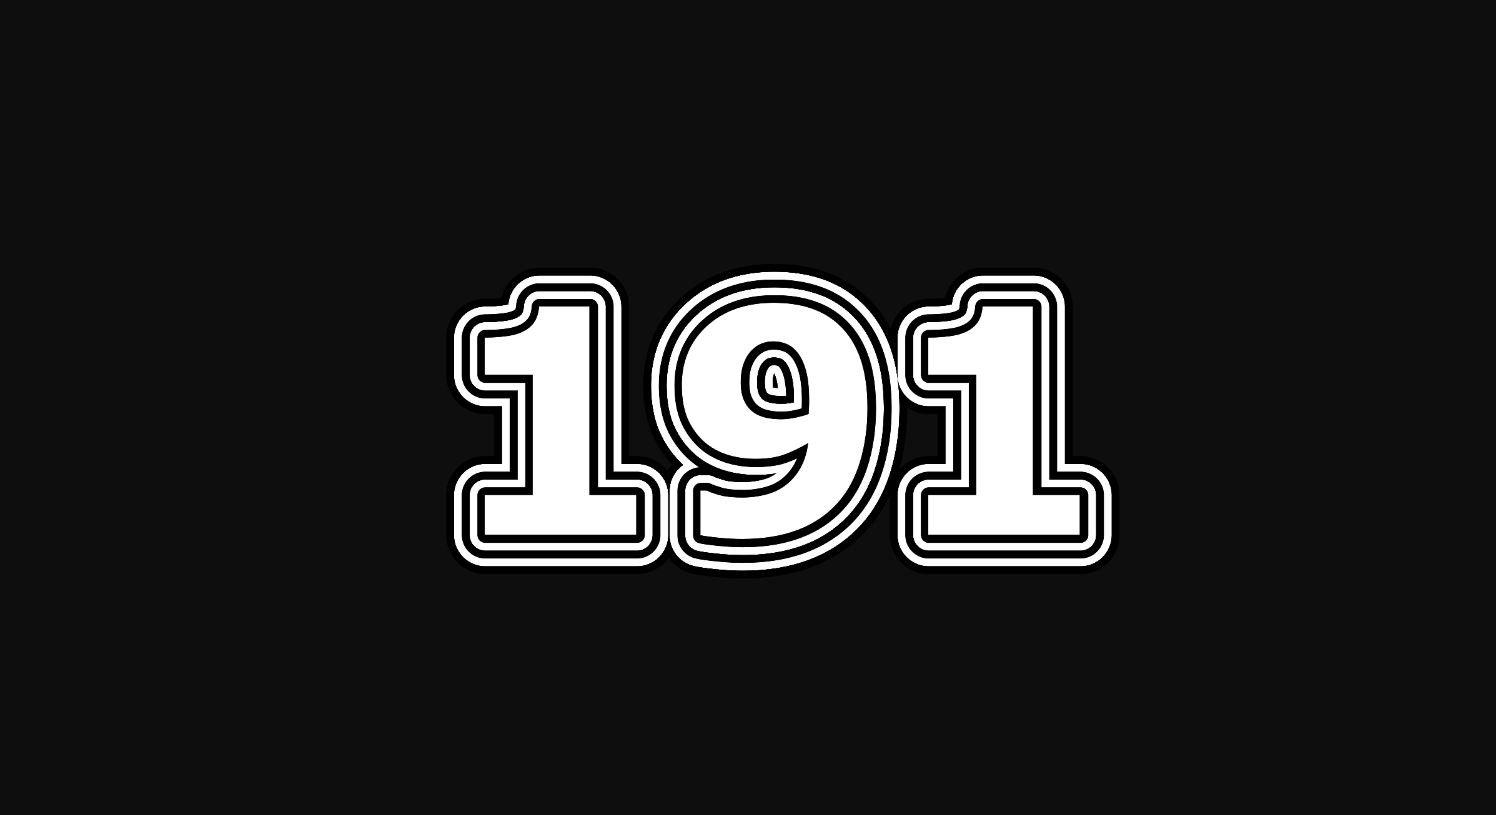 Il significato del numero 191